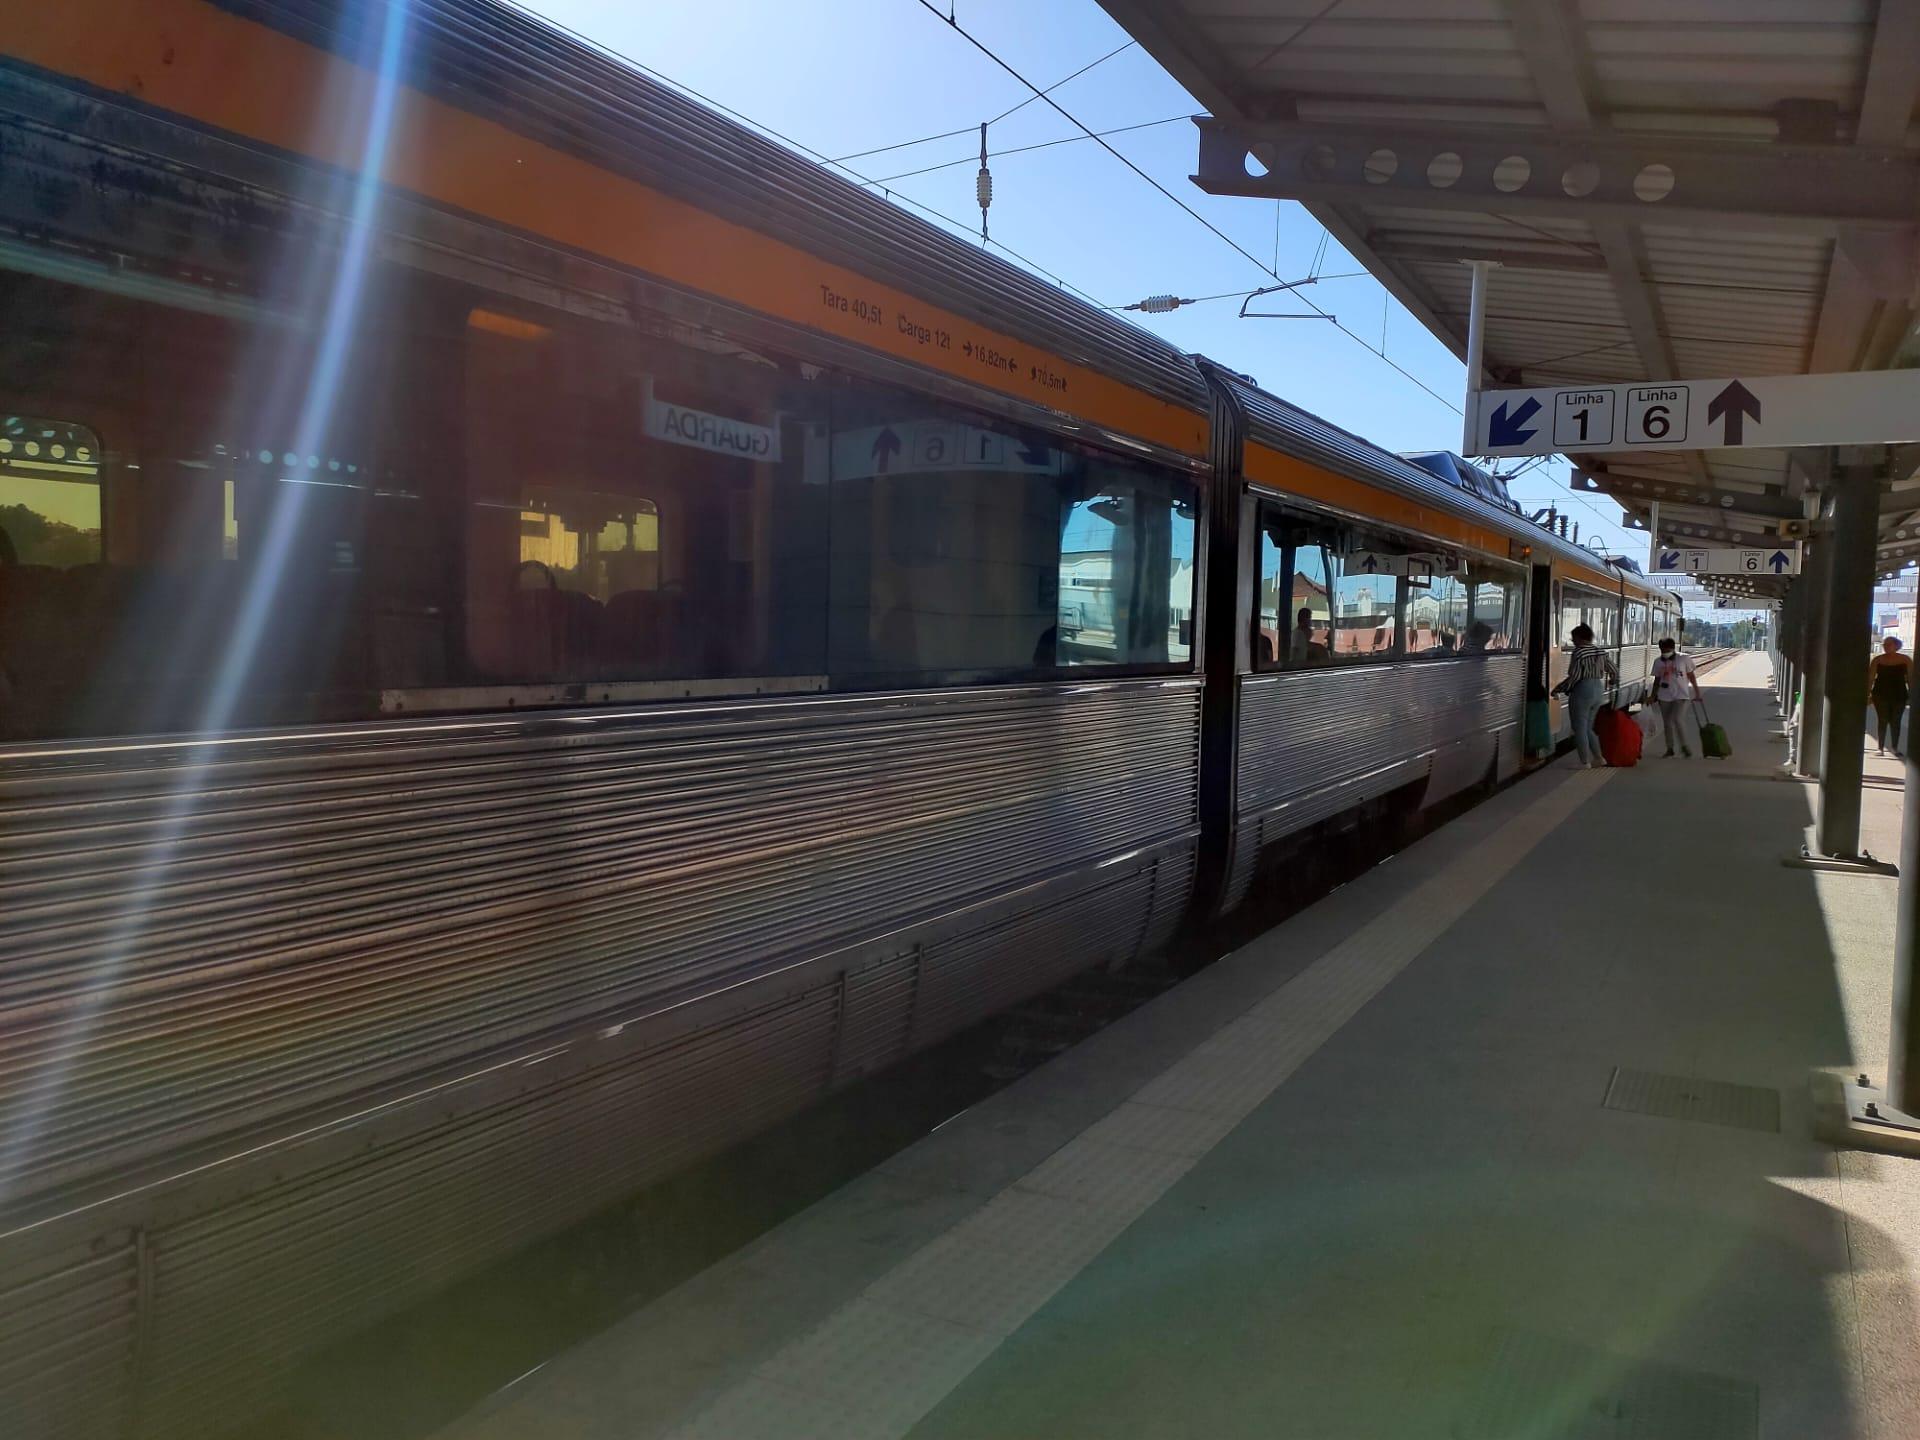 Ligação ferroviária entre Guarda e Covilhã reabriu este domingo